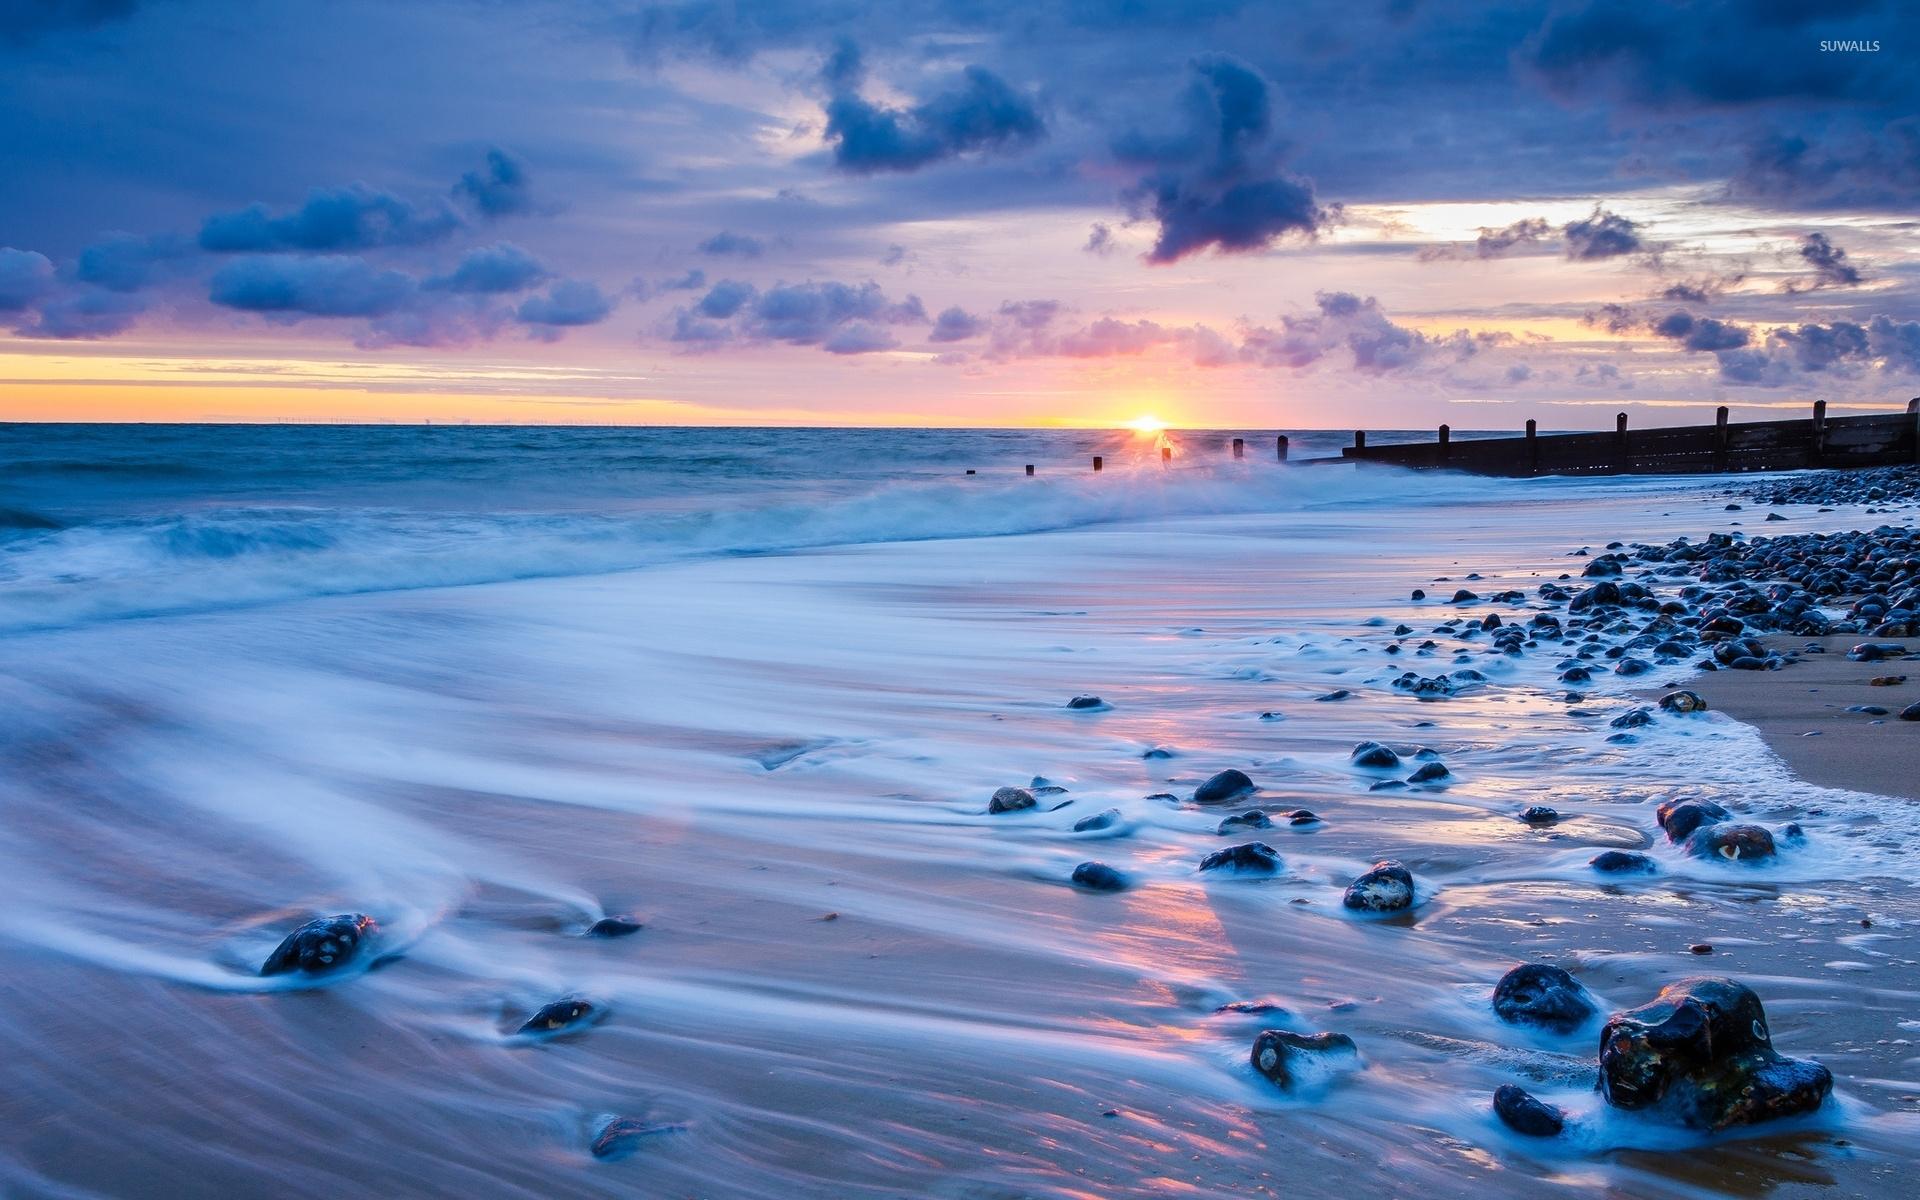 Sandy Beach Wallpaper: Rocks On A Sandy Beach Wallpaper